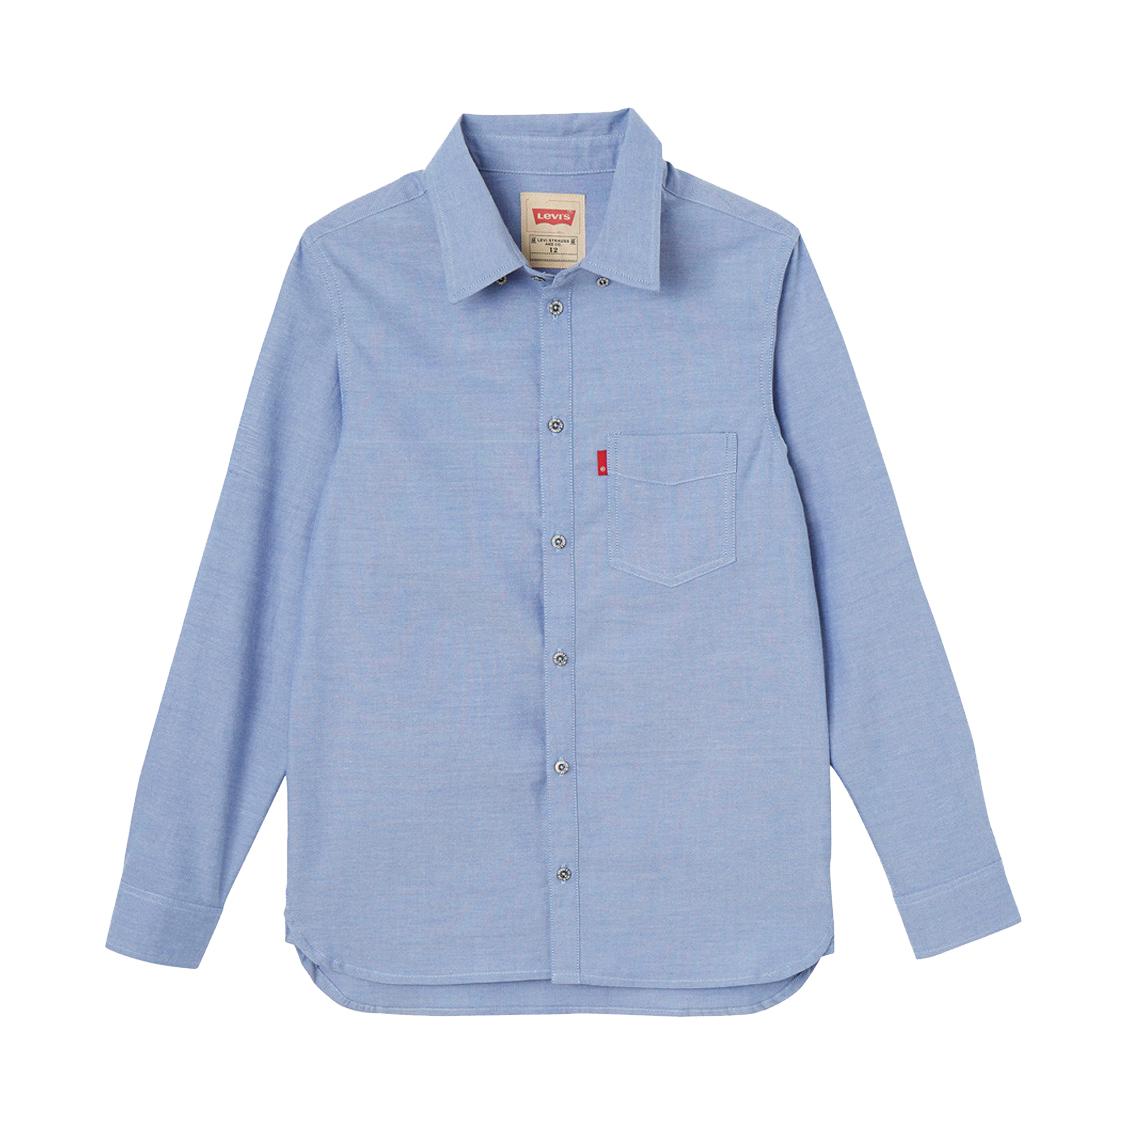 Chemise levi\'s junior en coton bleu ciel